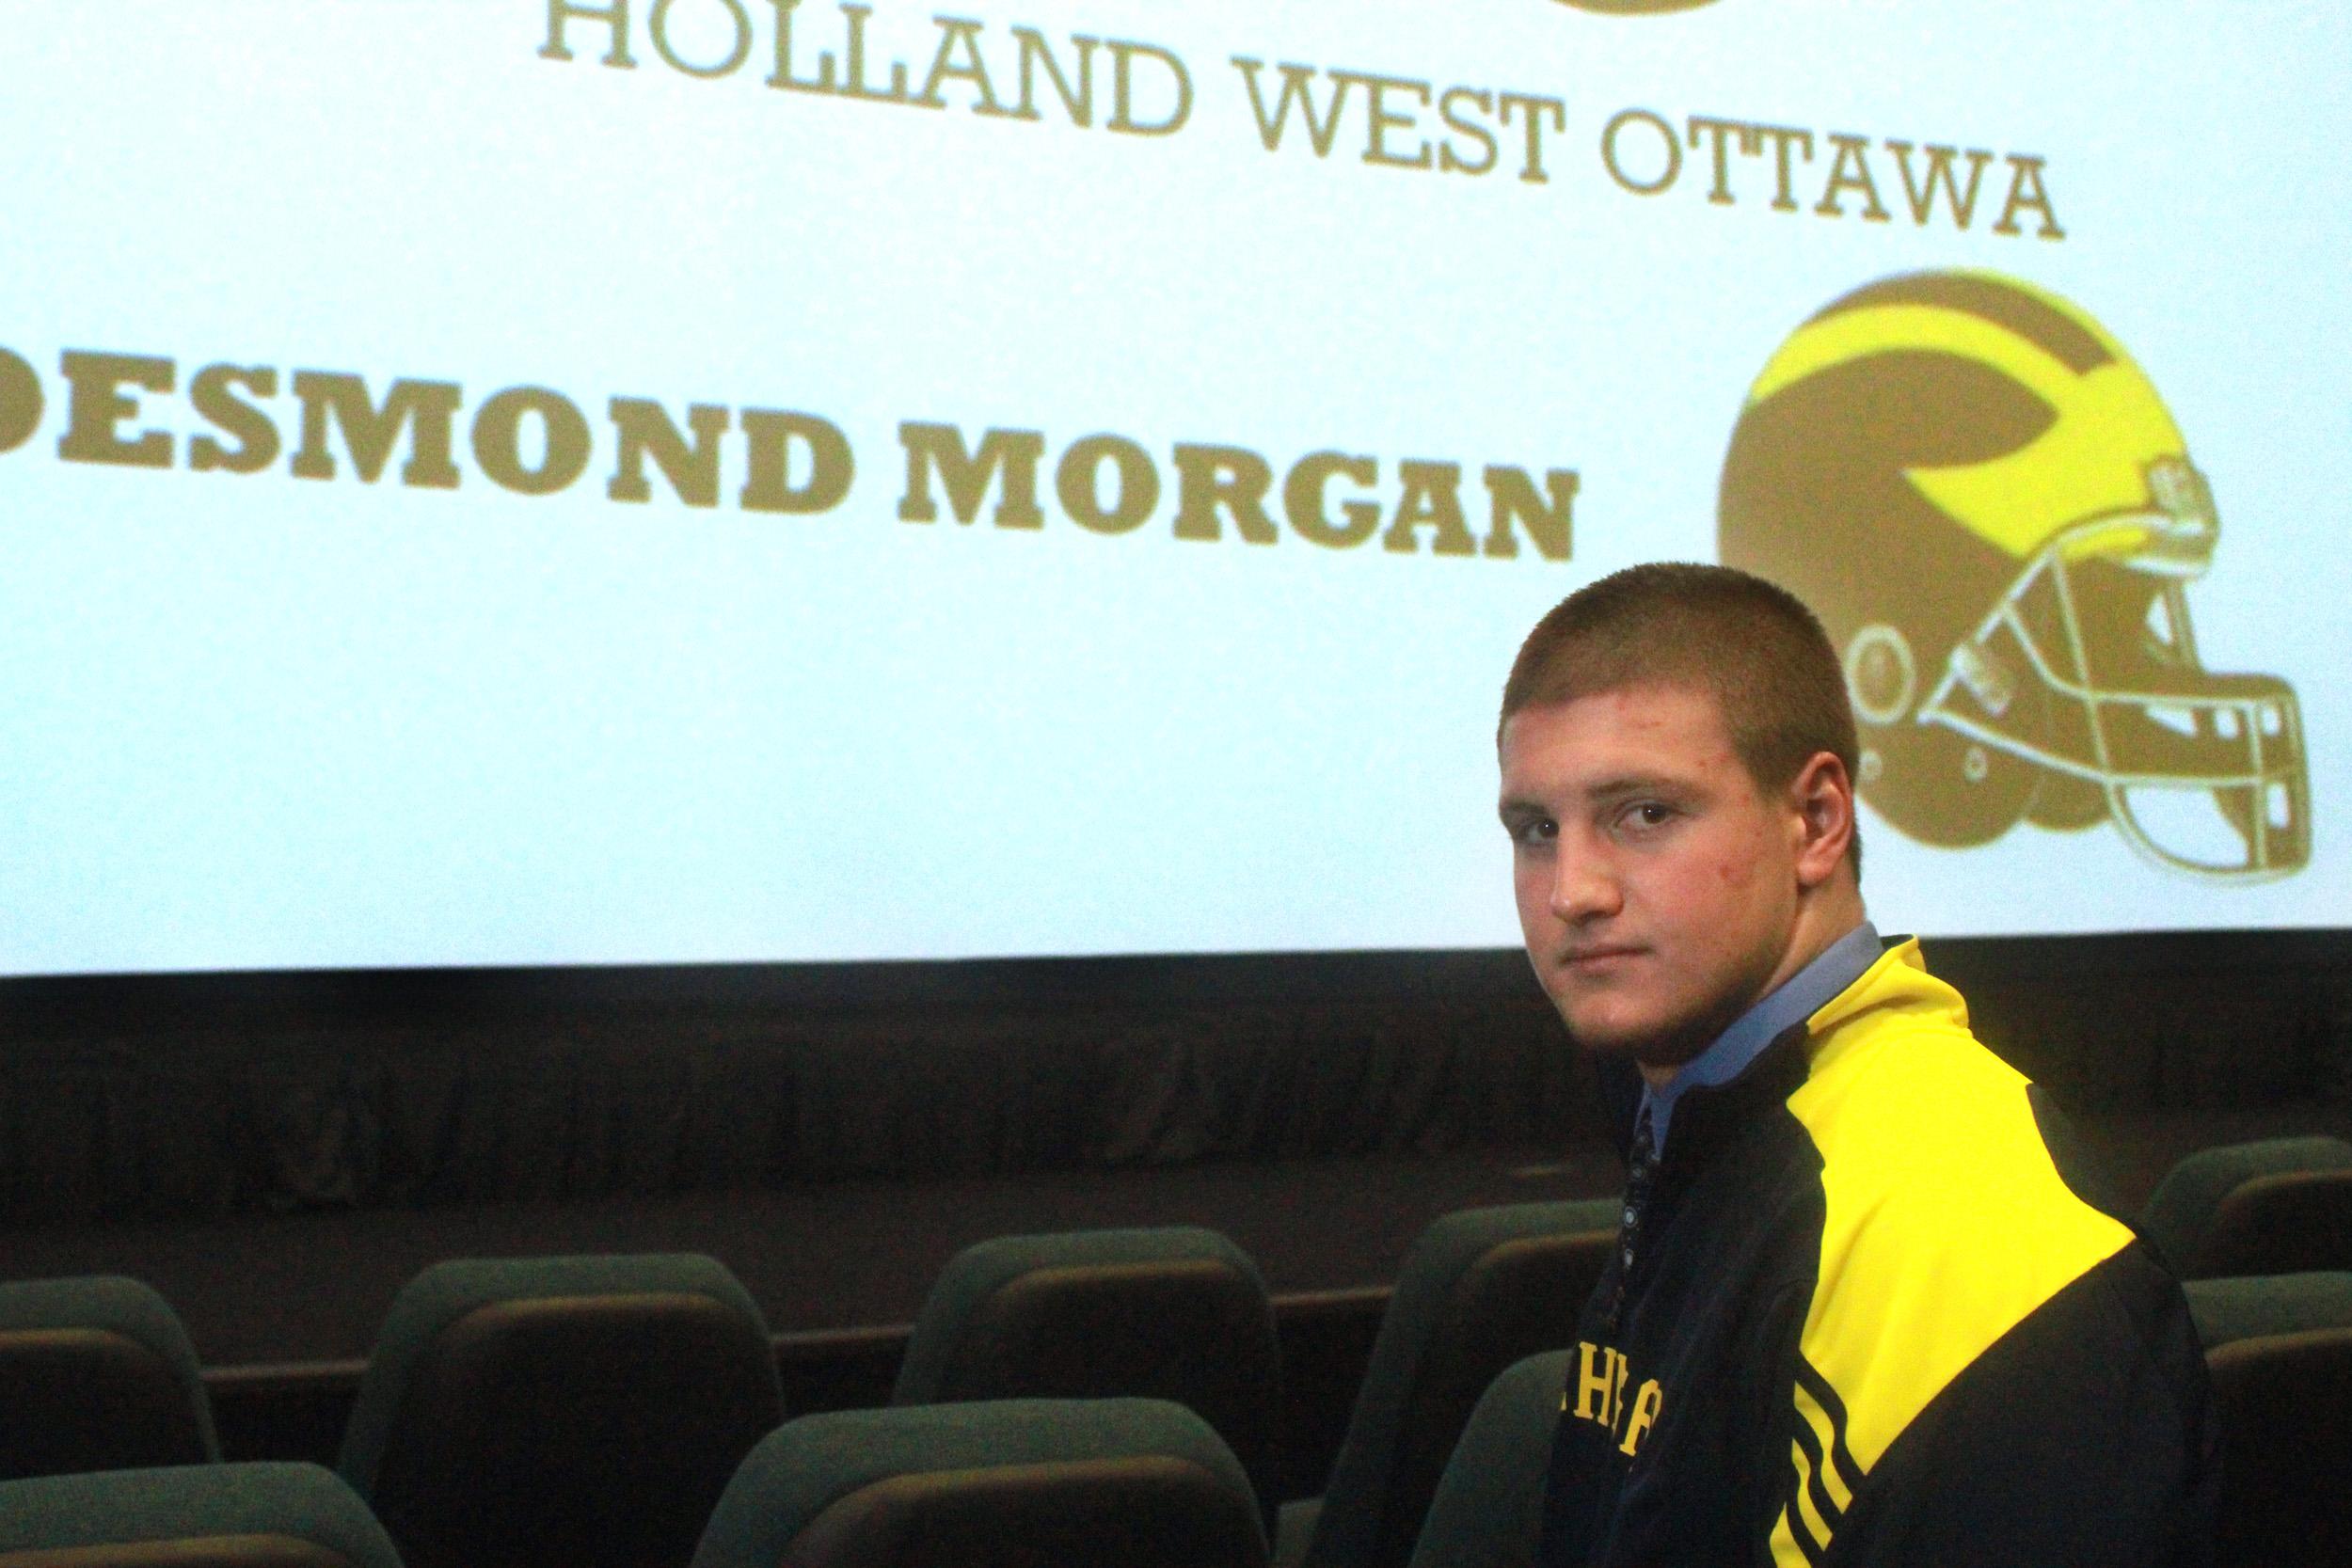 West Ottawa's Desmond Morgan